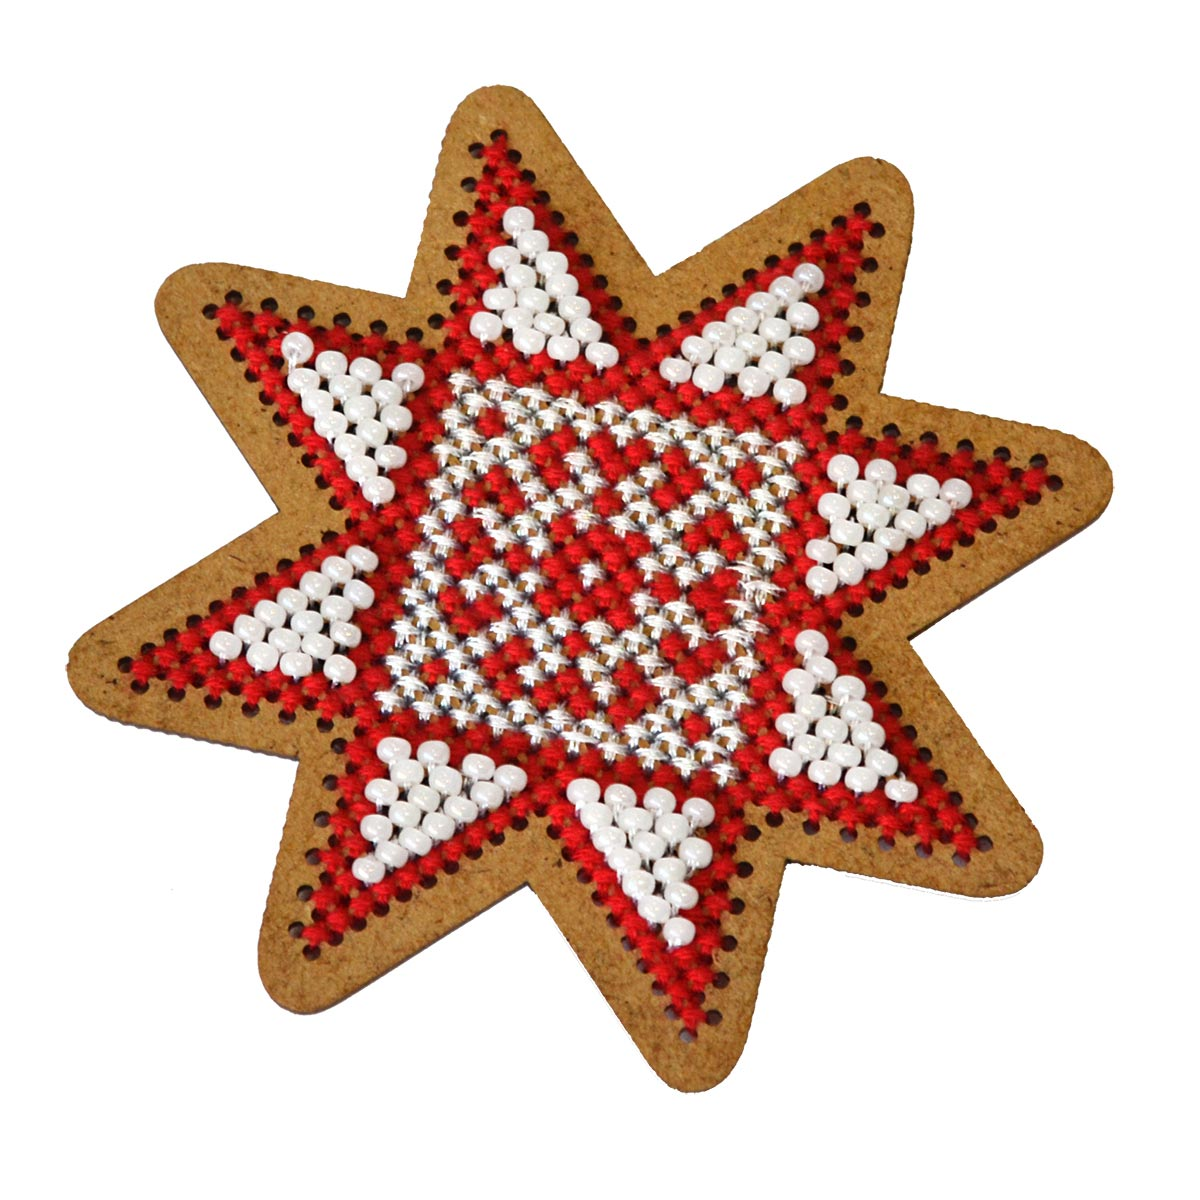 ИК-007 Набор для вышивания крестом на основе Созвездие 'Новогодняя игрушка 'Рождественская звезда'7,5*7,5см